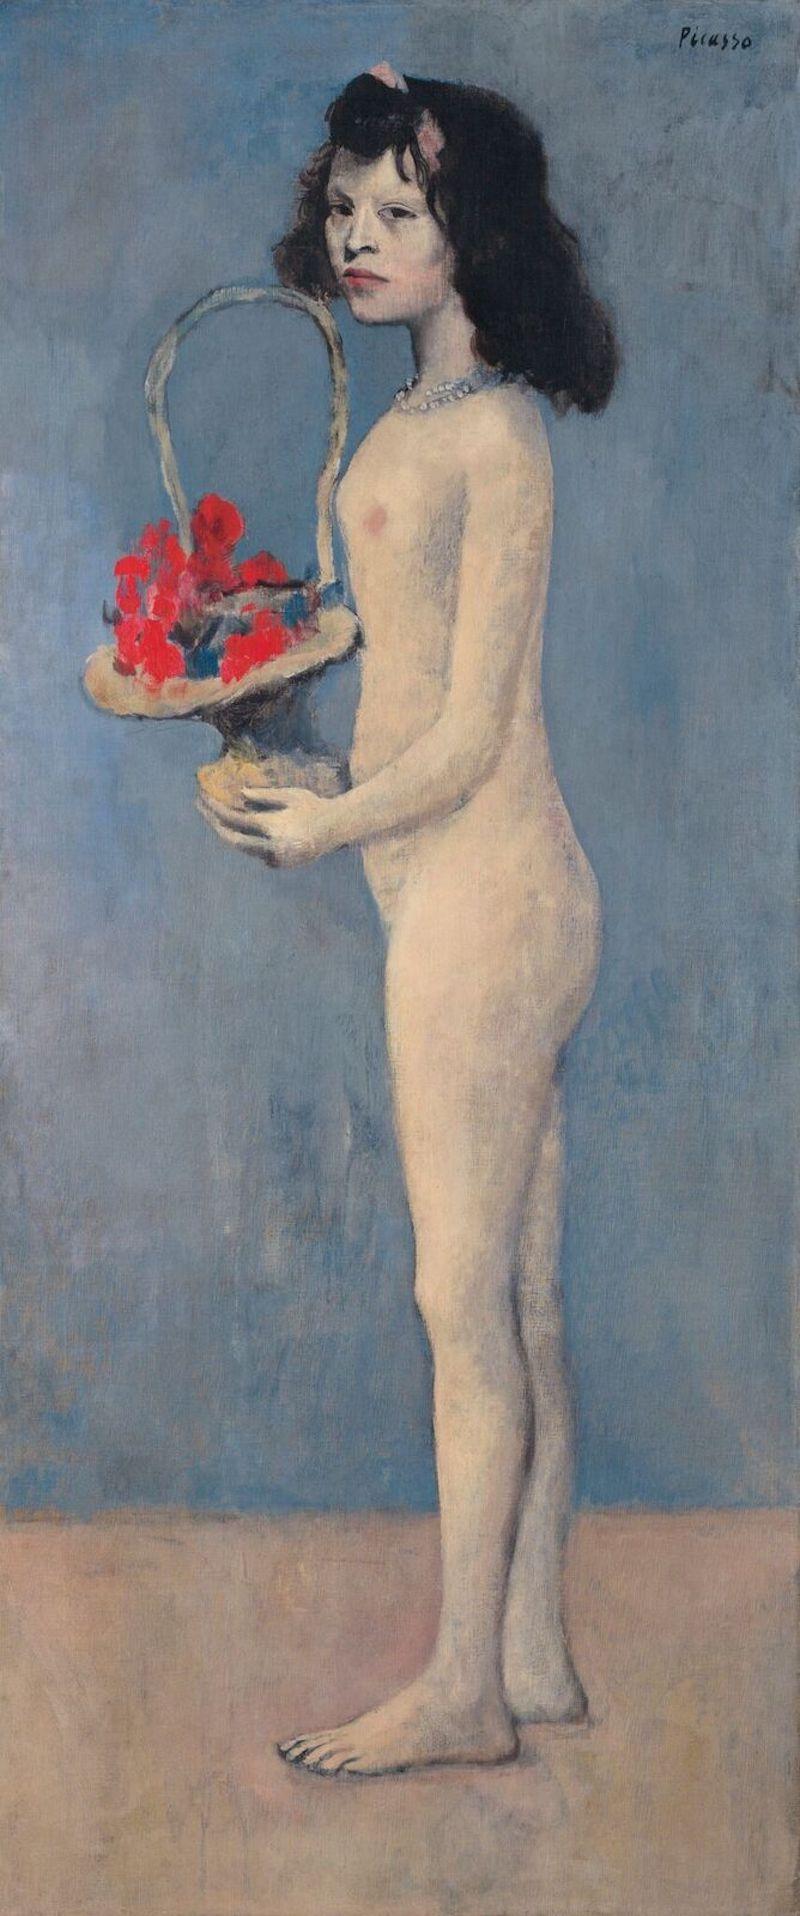 Världens näst dyraste Picasso-målning som klubbats på auktion